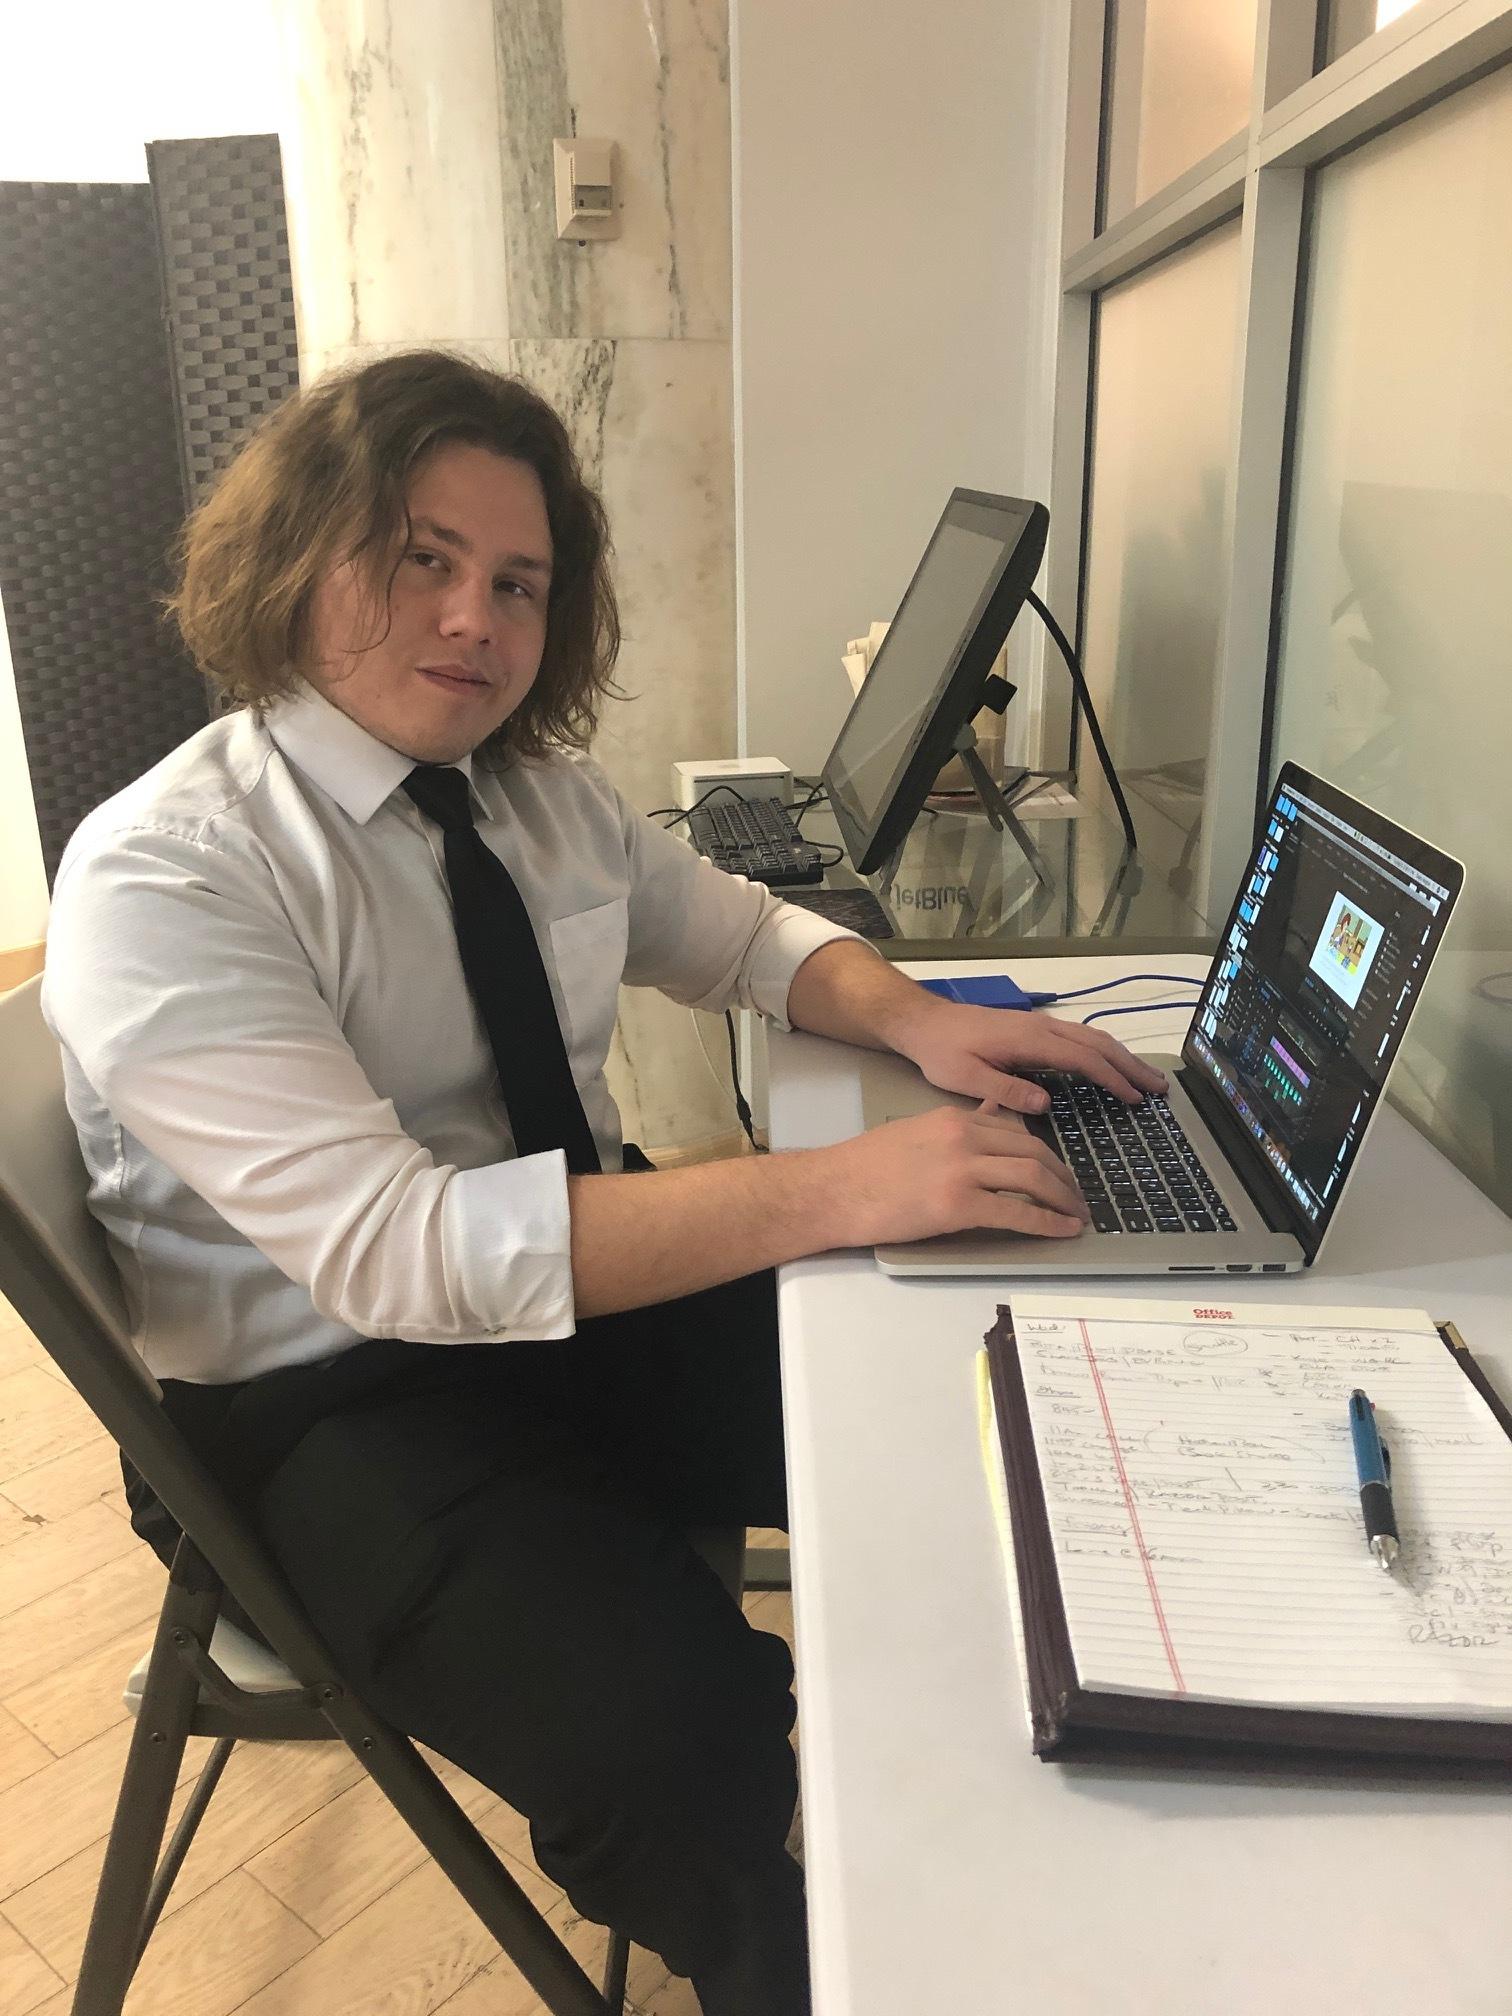 Kyle Helgren - Video Editor